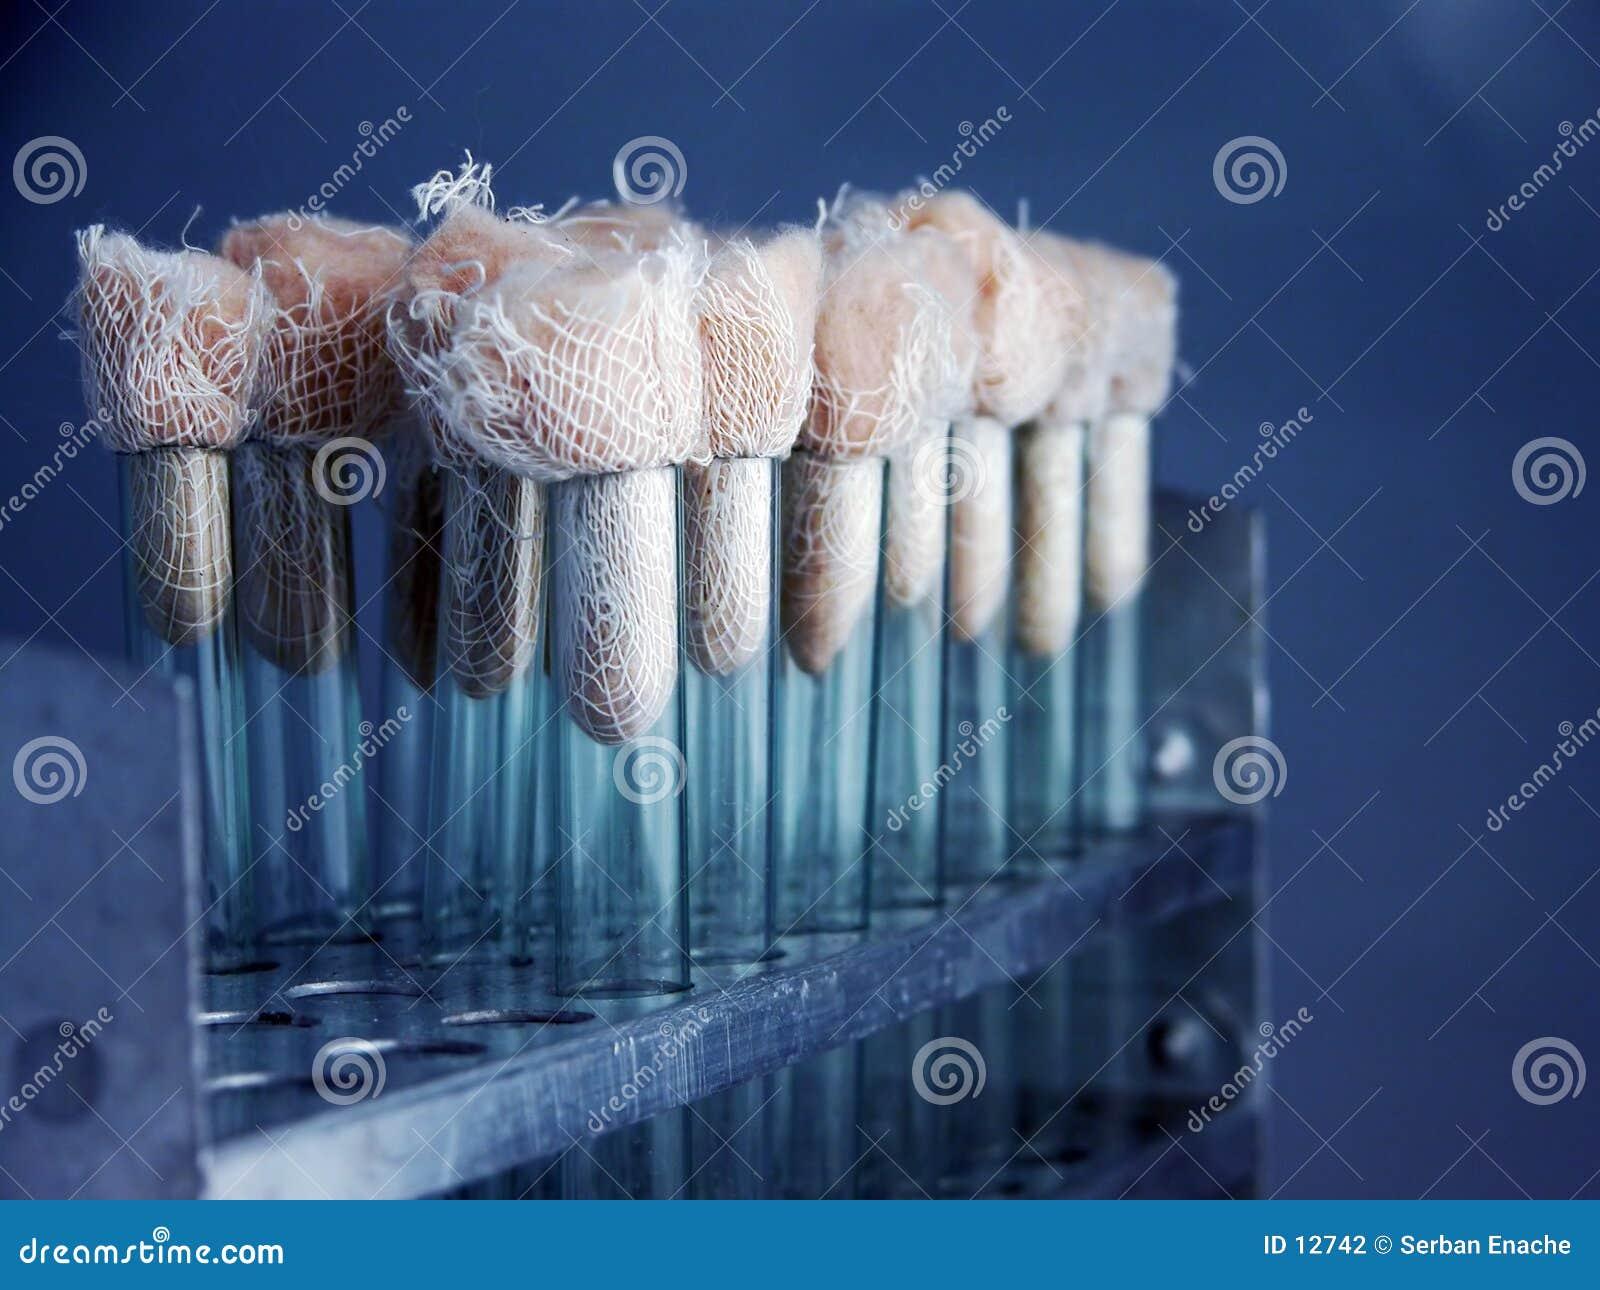 Flacons de laboratoire